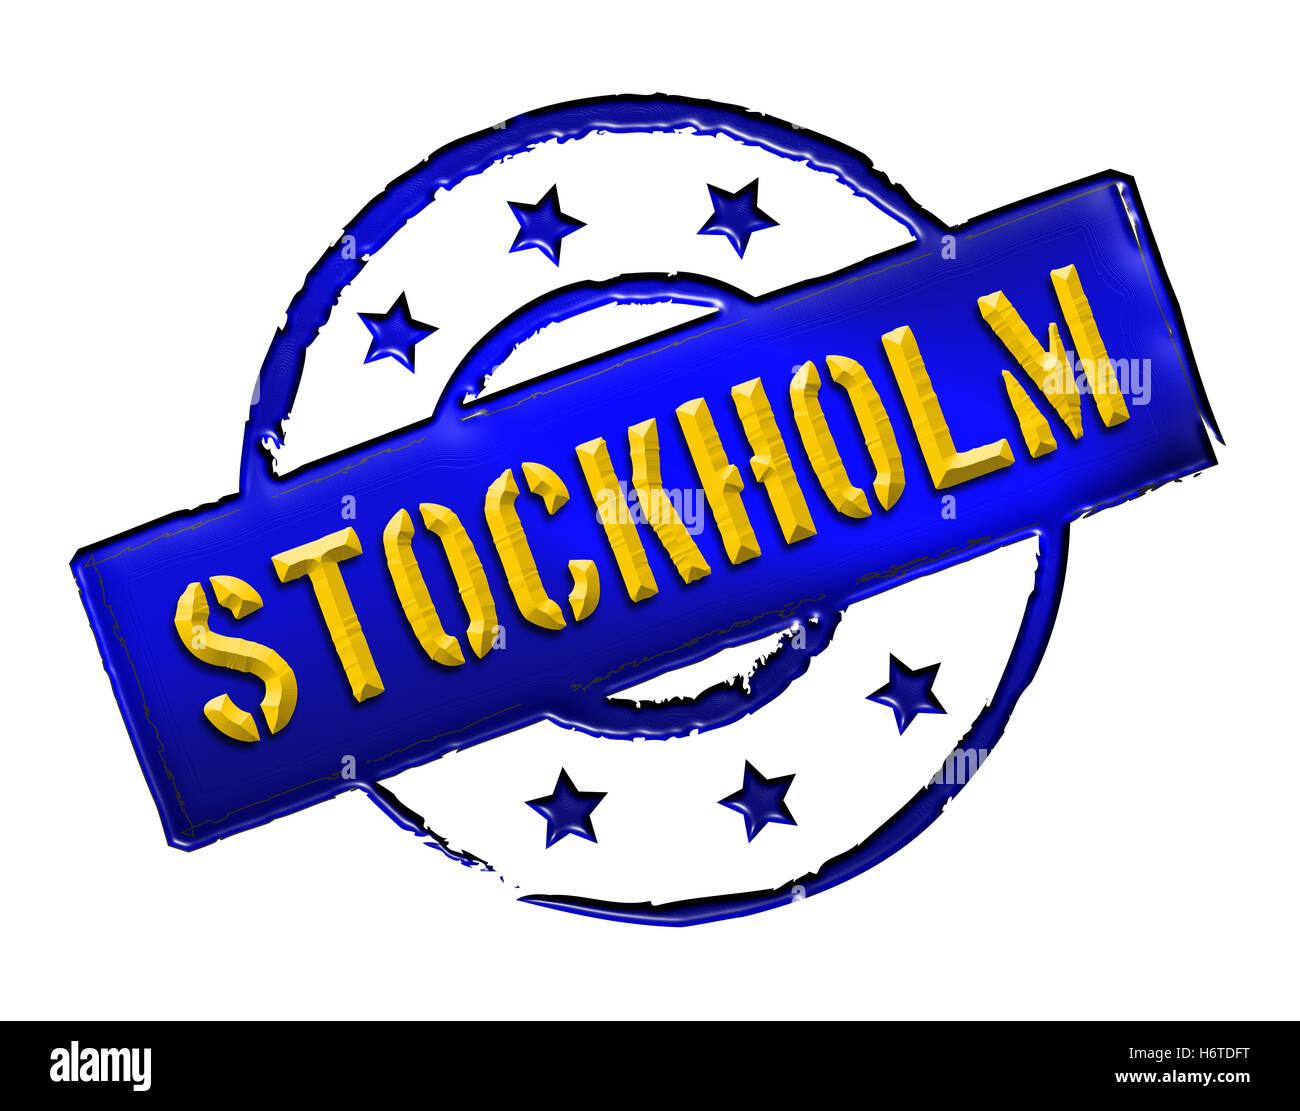 Schweden Stockholm Stockholm Hauptstadt Wildleder isoliert Schweden Vorsicht wichtig abstrakte Stockholm Stockholm Stockbild